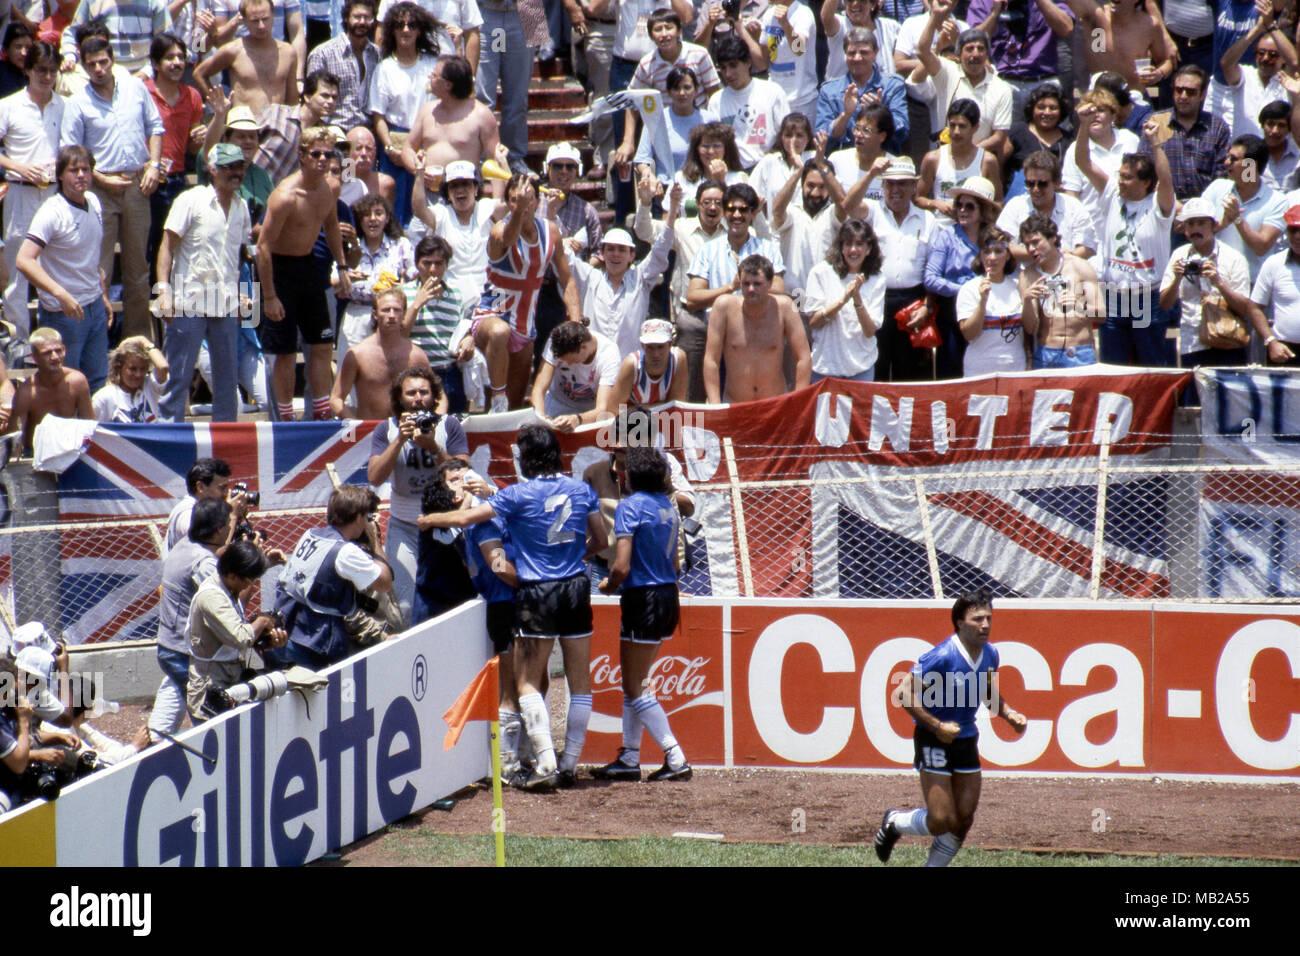 Copa Mundial De La Fifa Mexico 1986 22 6 1986 Estadio Azteca Mexico D F Los Cuartos De